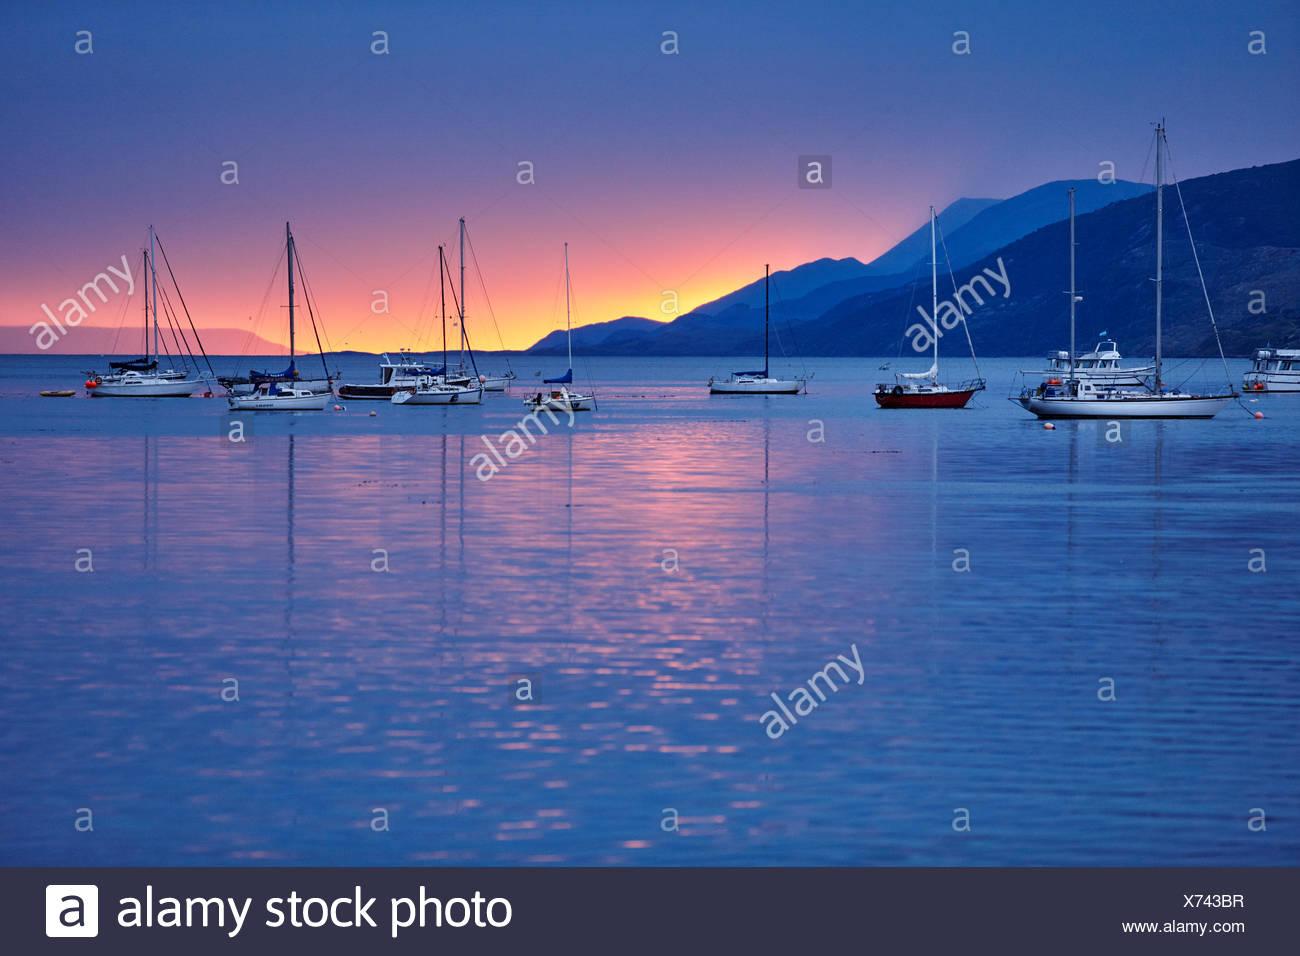 Bateaux à voile dans le port au coucher du soleil, Ushuaia, Tierra del Fuego, Argentina Photo Stock